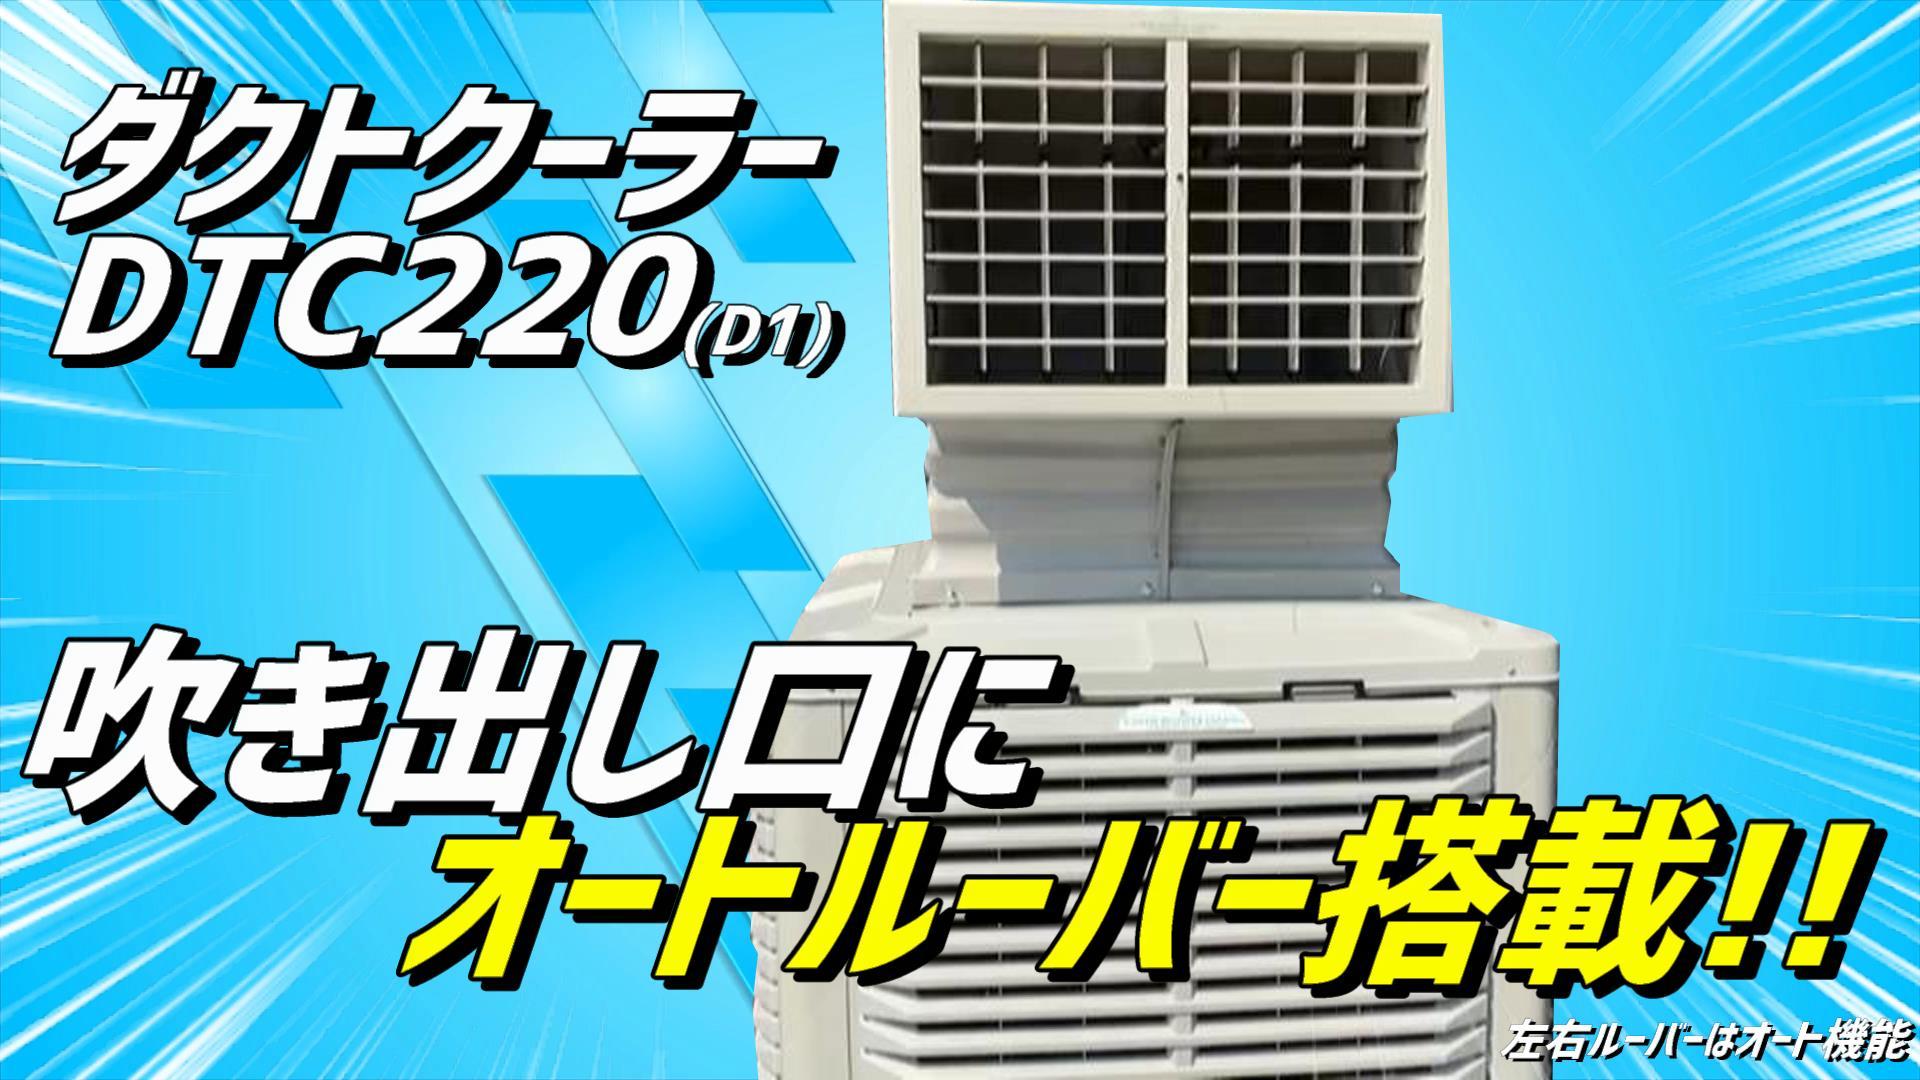 ダクトクーラー220D1